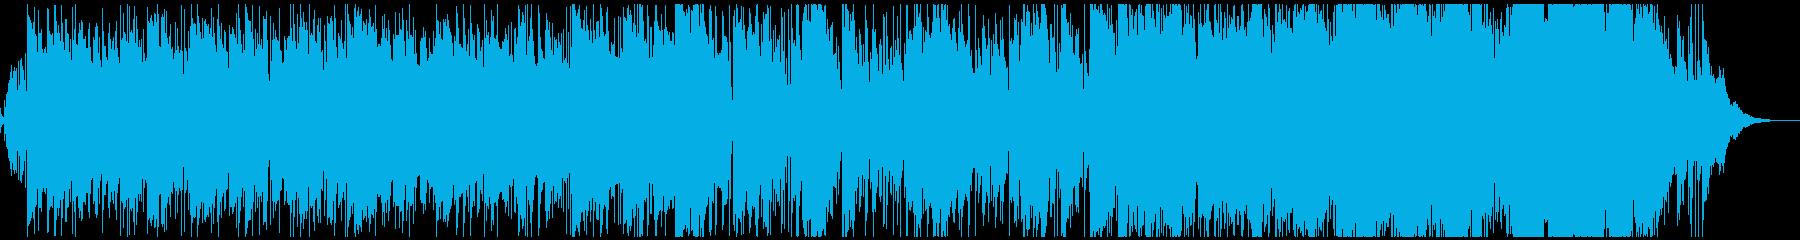 生演奏・もろびとこぞりてジャズゴスペルの再生済みの波形